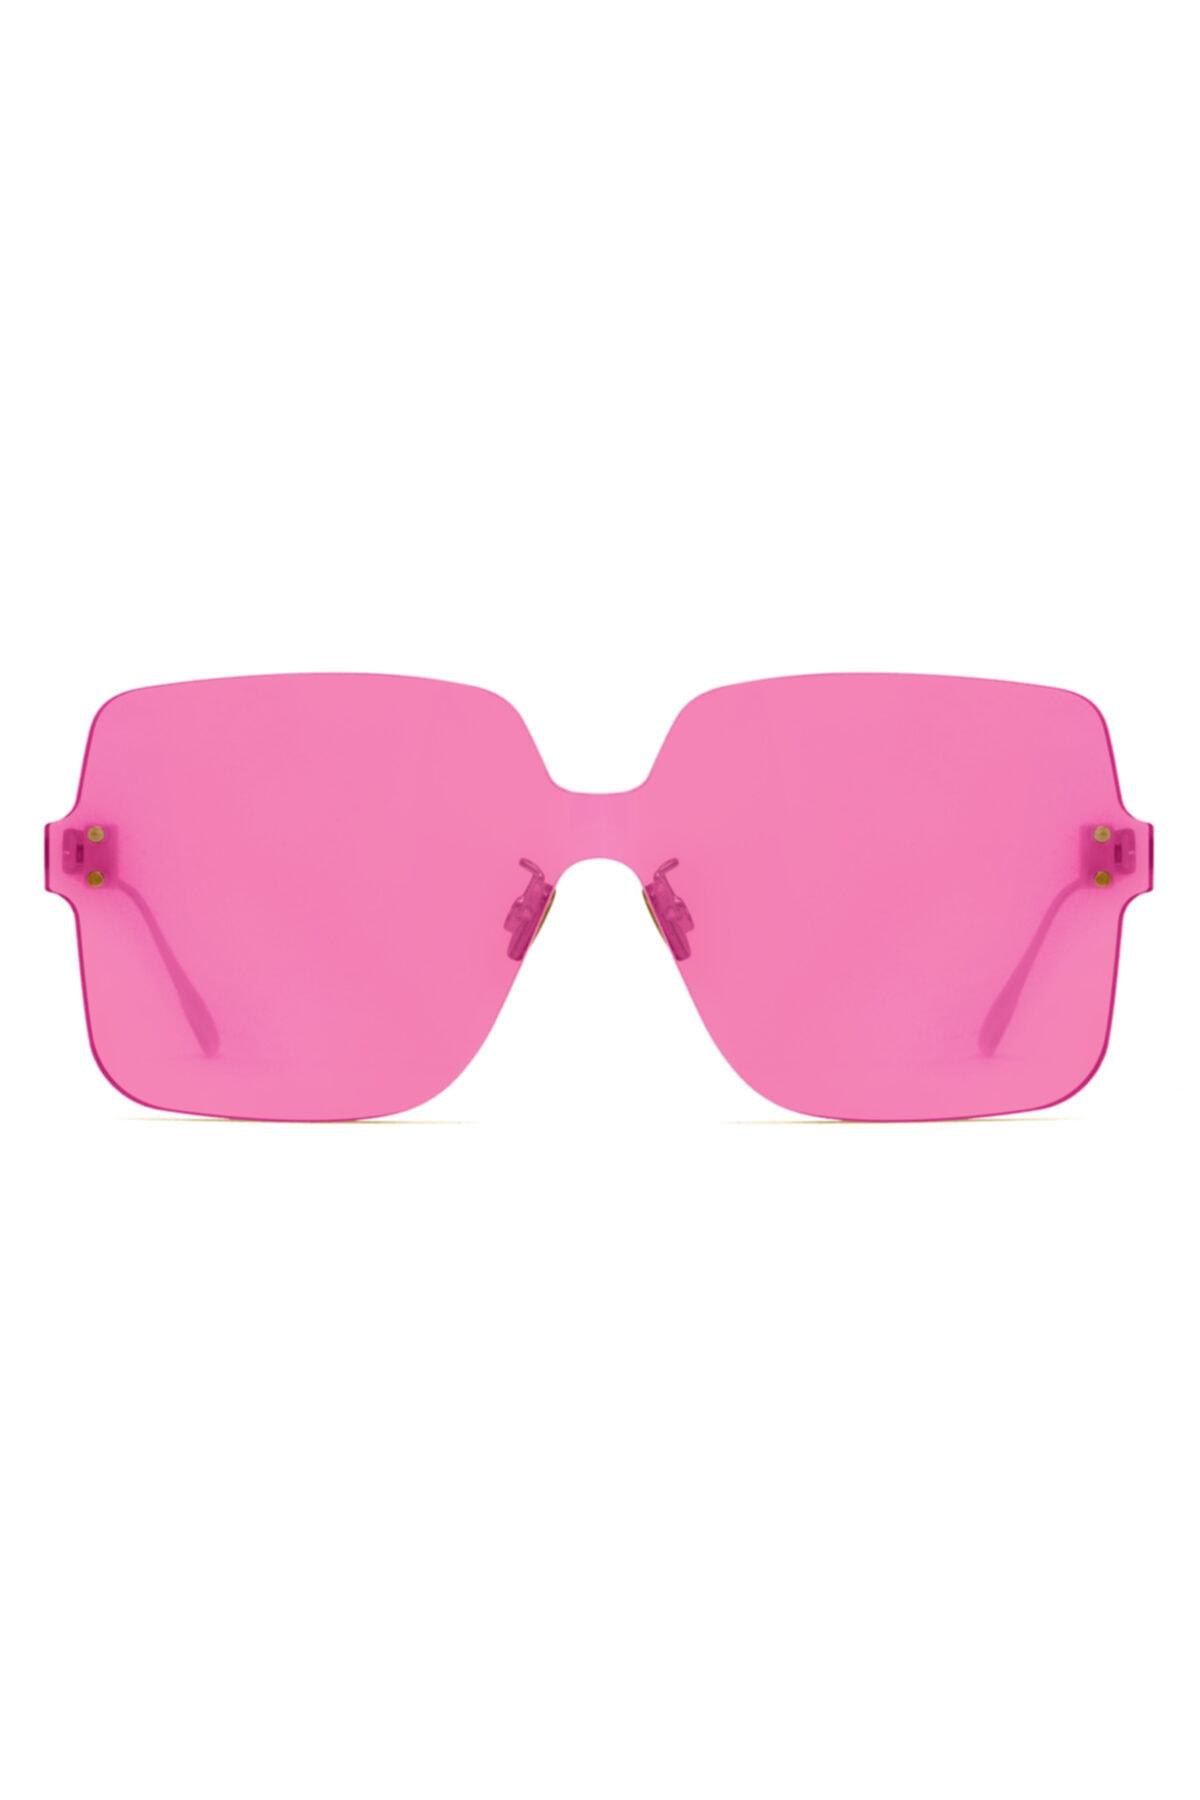 خرید نقدی عینک آفتابی شیک برند Dior رنگ صورتی ty50376330